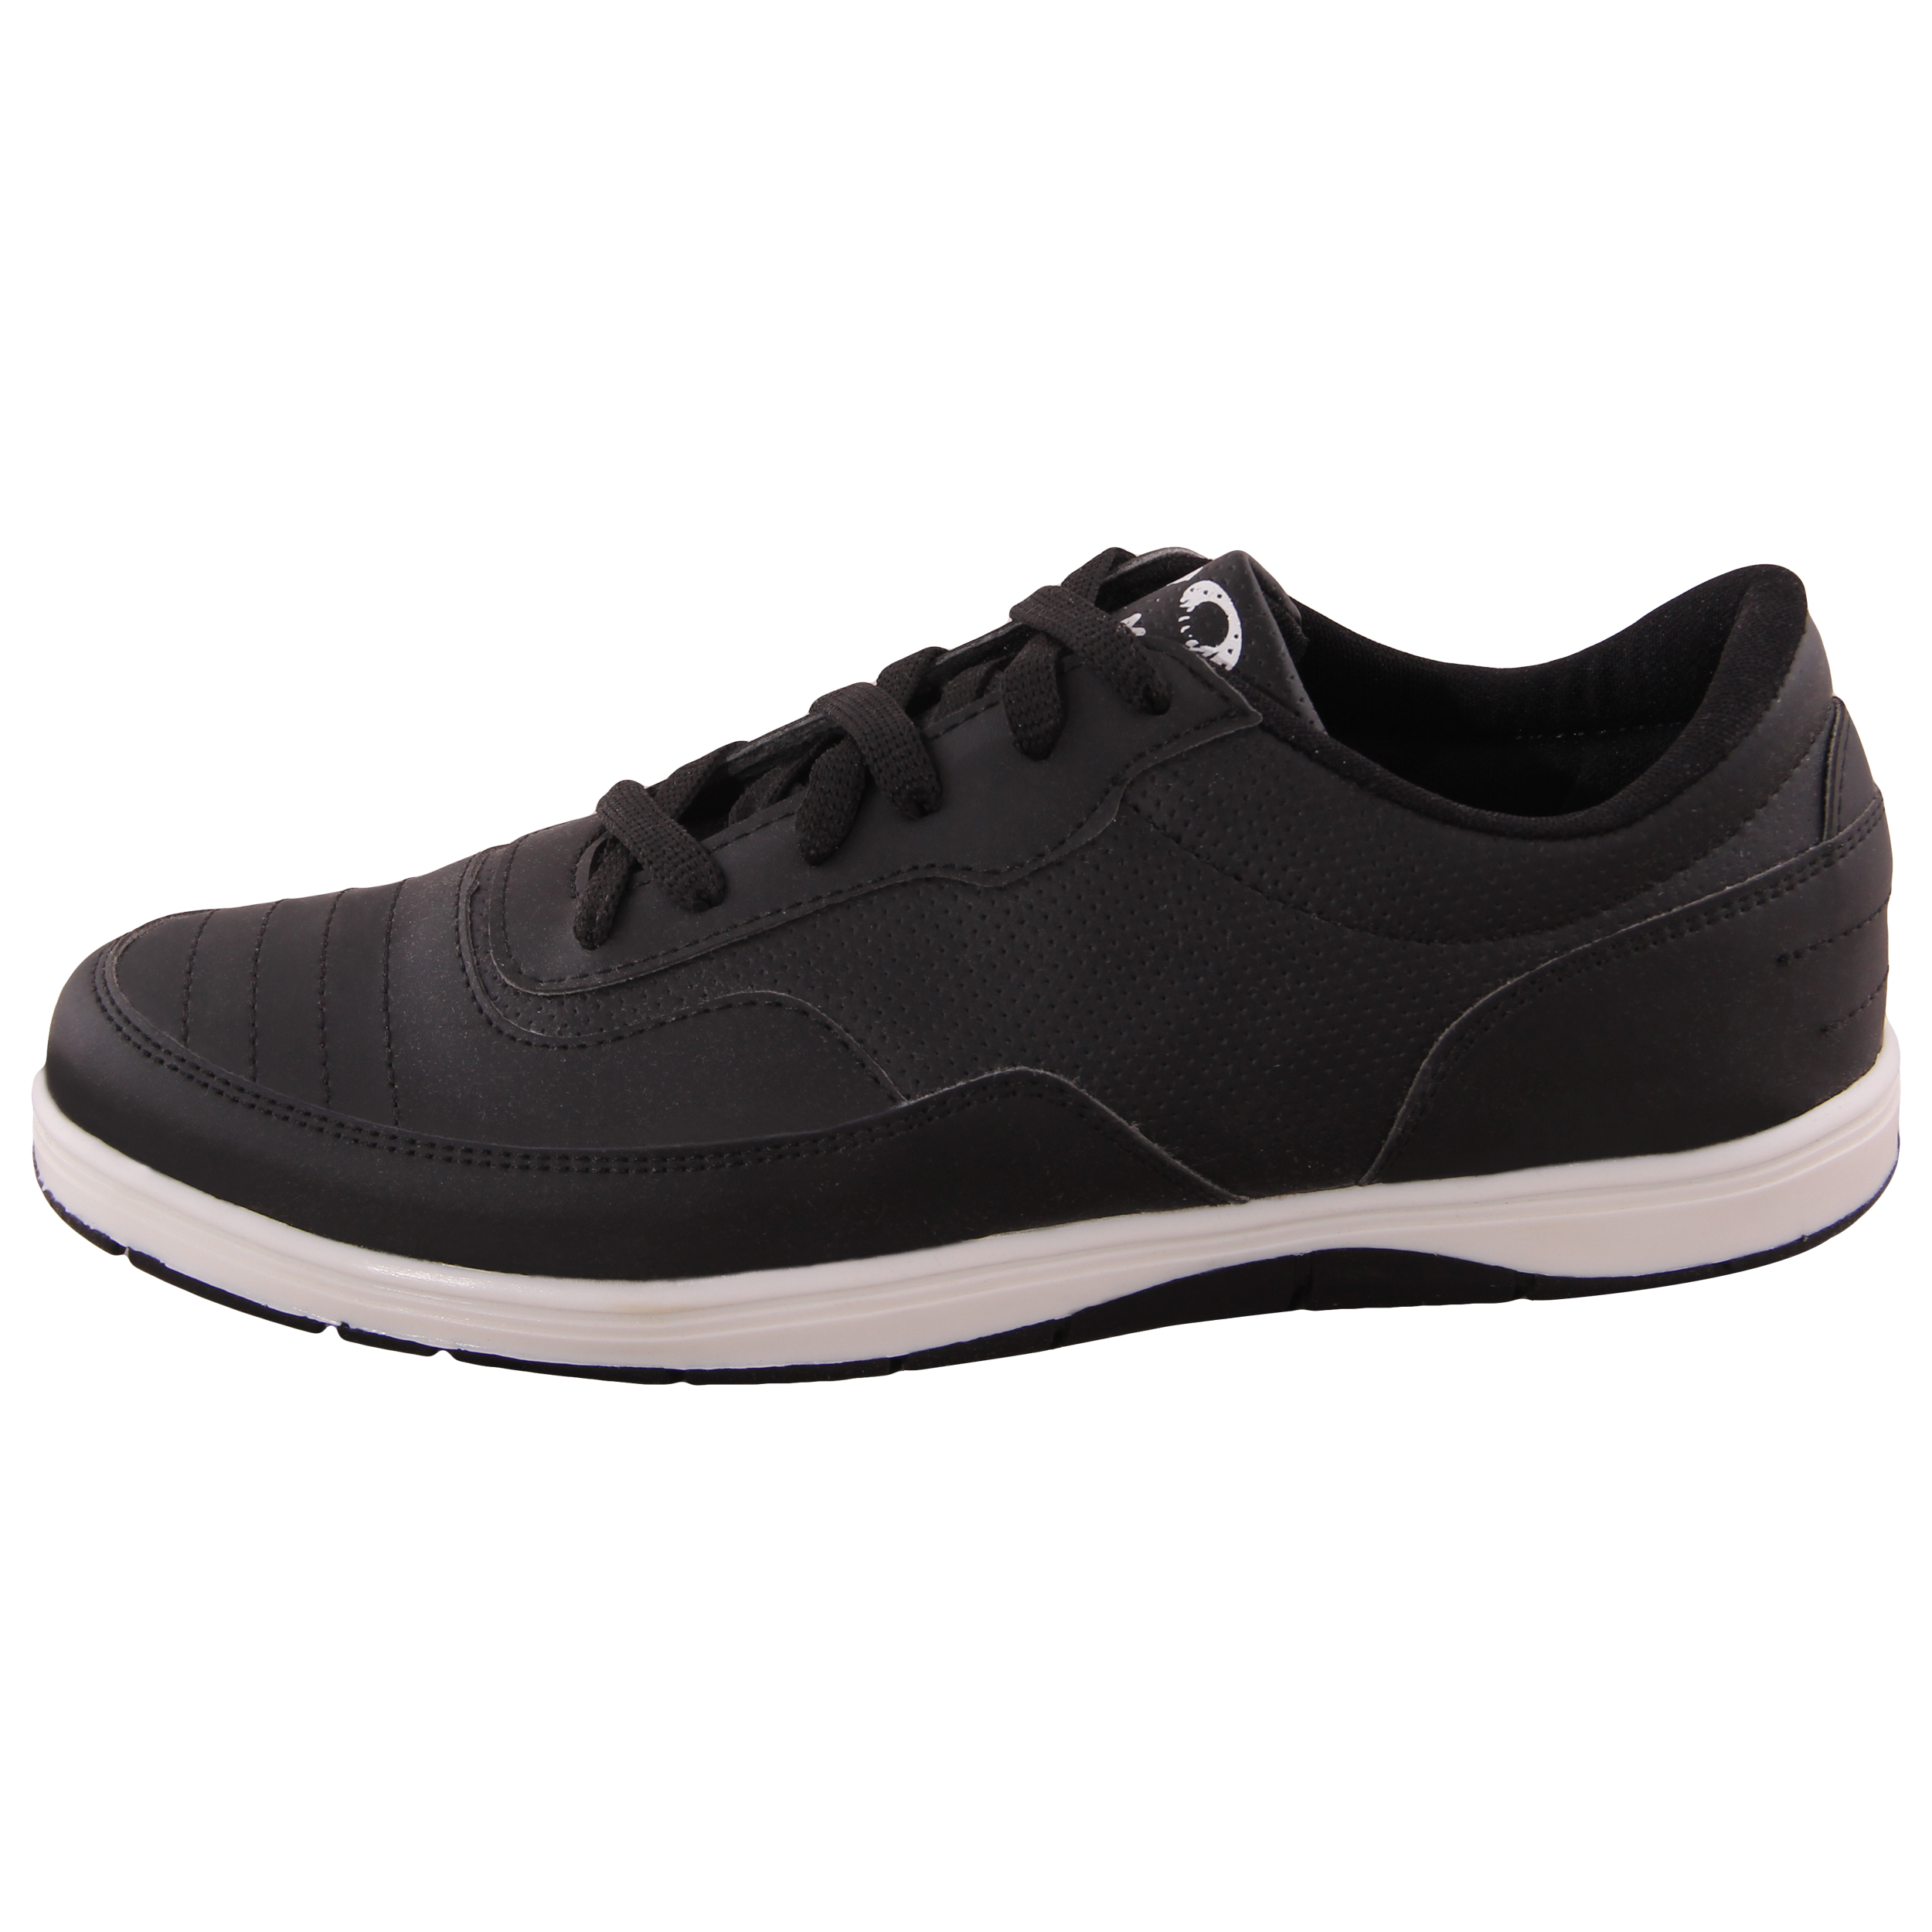 کفش مخصوص پیاده روی مردانه اسپرت من کد 1-39903